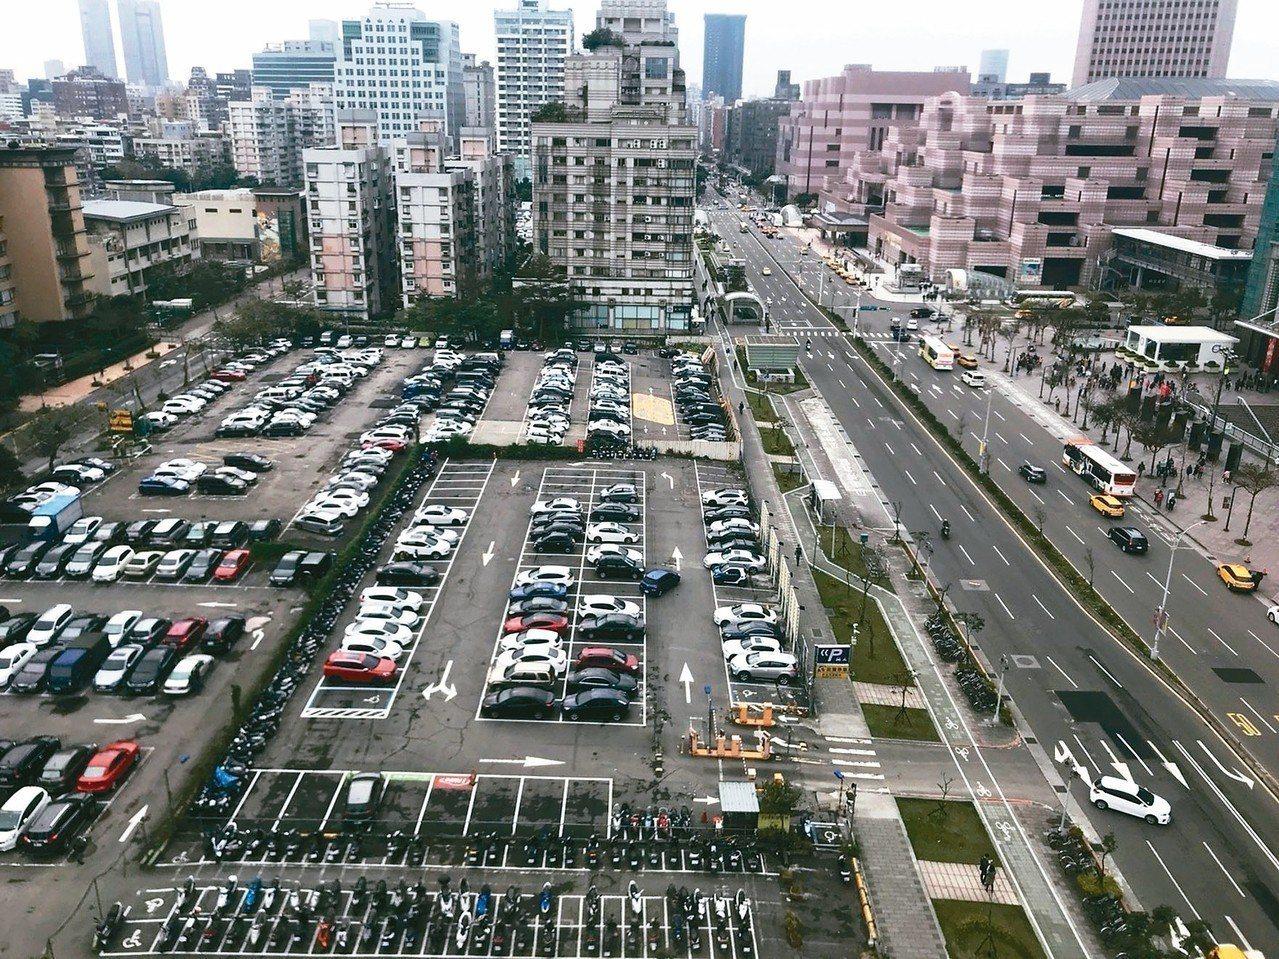 位於世貿一館對面、以最貴停車場著稱的土地,標售底價17億元。 記者陳美玲/攝影